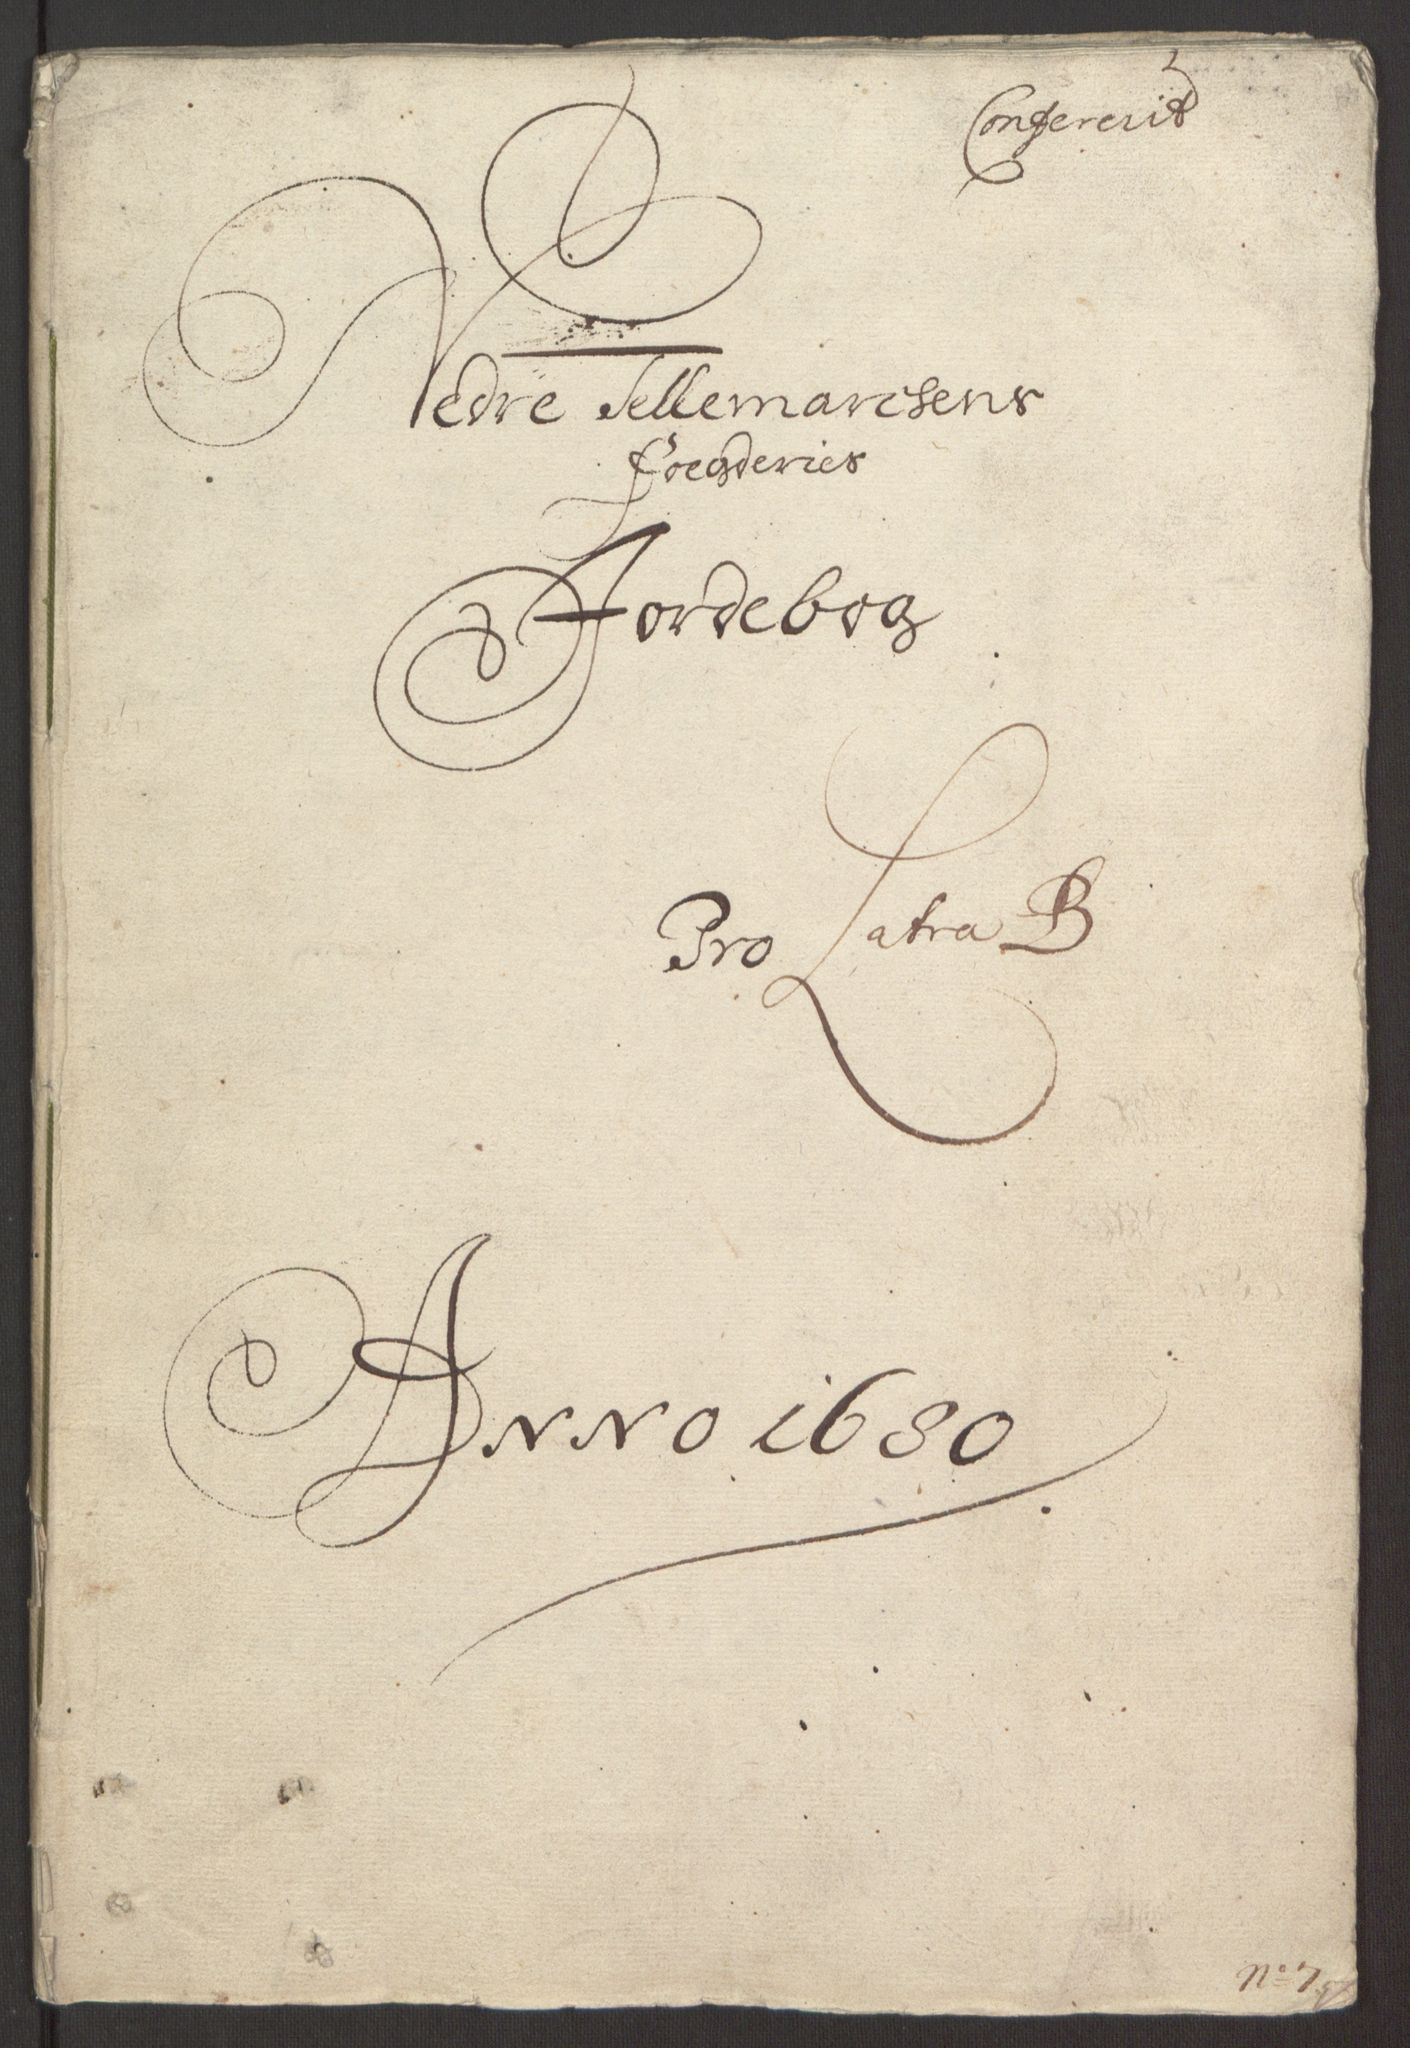 RA, Rentekammeret inntil 1814, Reviderte regnskaper, Fogderegnskap, R35/L2075: Fogderegnskap Øvre og Nedre Telemark, 1680-1684, s. 64